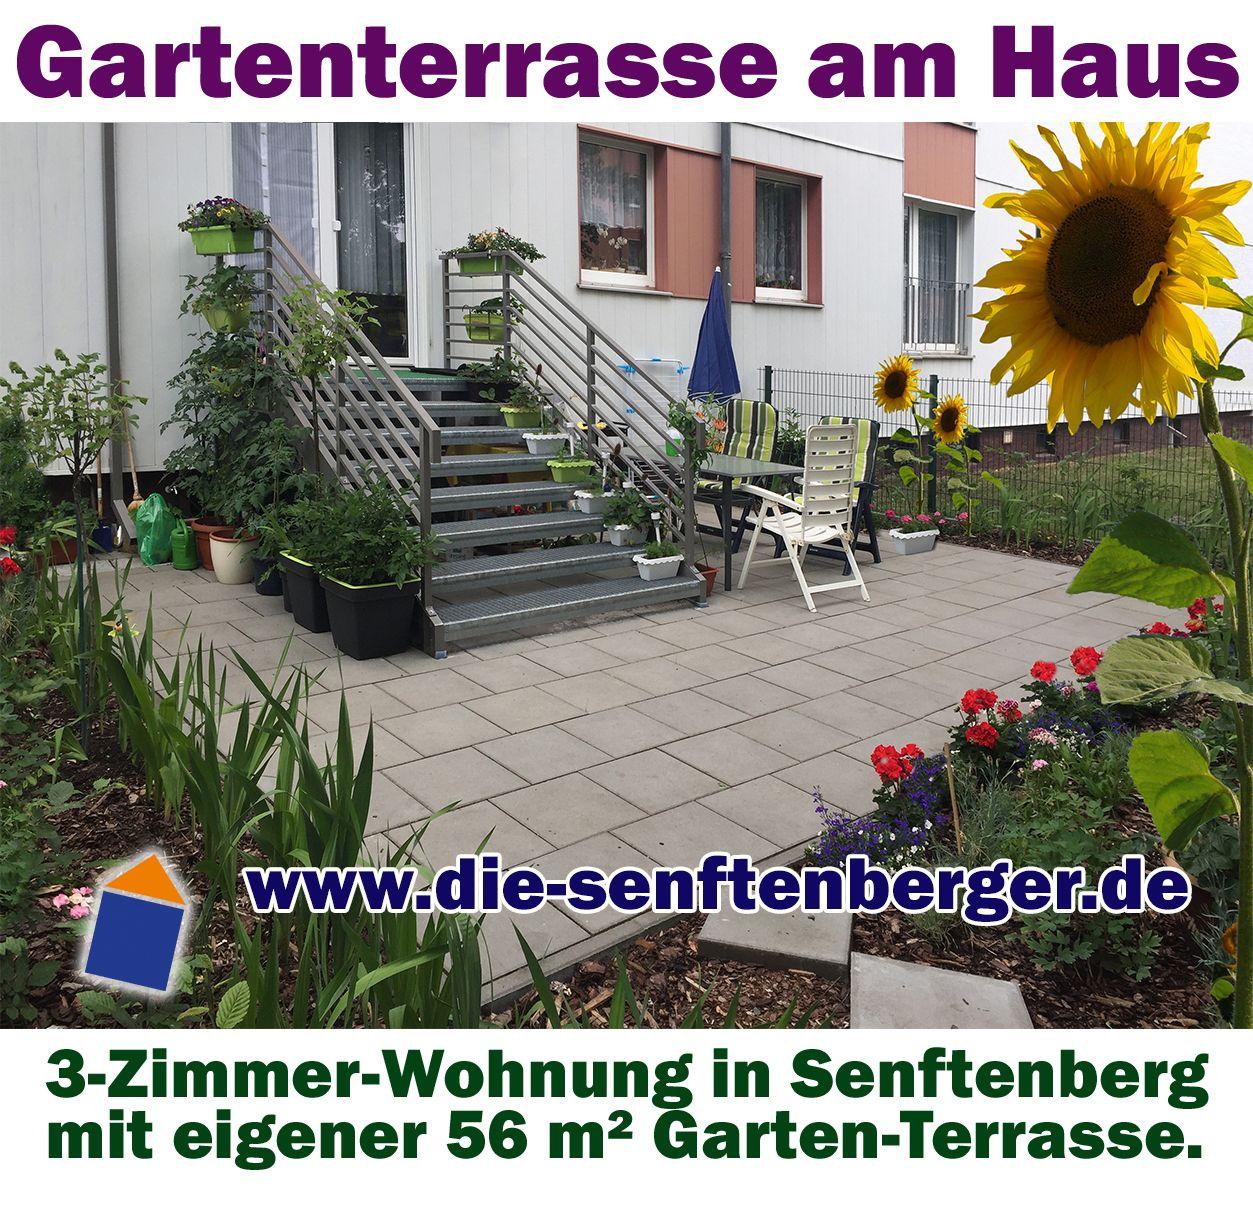 Wohnung Mit Garten Jetzt Bewerben Diesenftenberger Wohnen Terrasse Garten Pflanzen Wohnung Komfort Sen In 2020 Wohnung Mit Garten Garten Terrasse Gartenturen